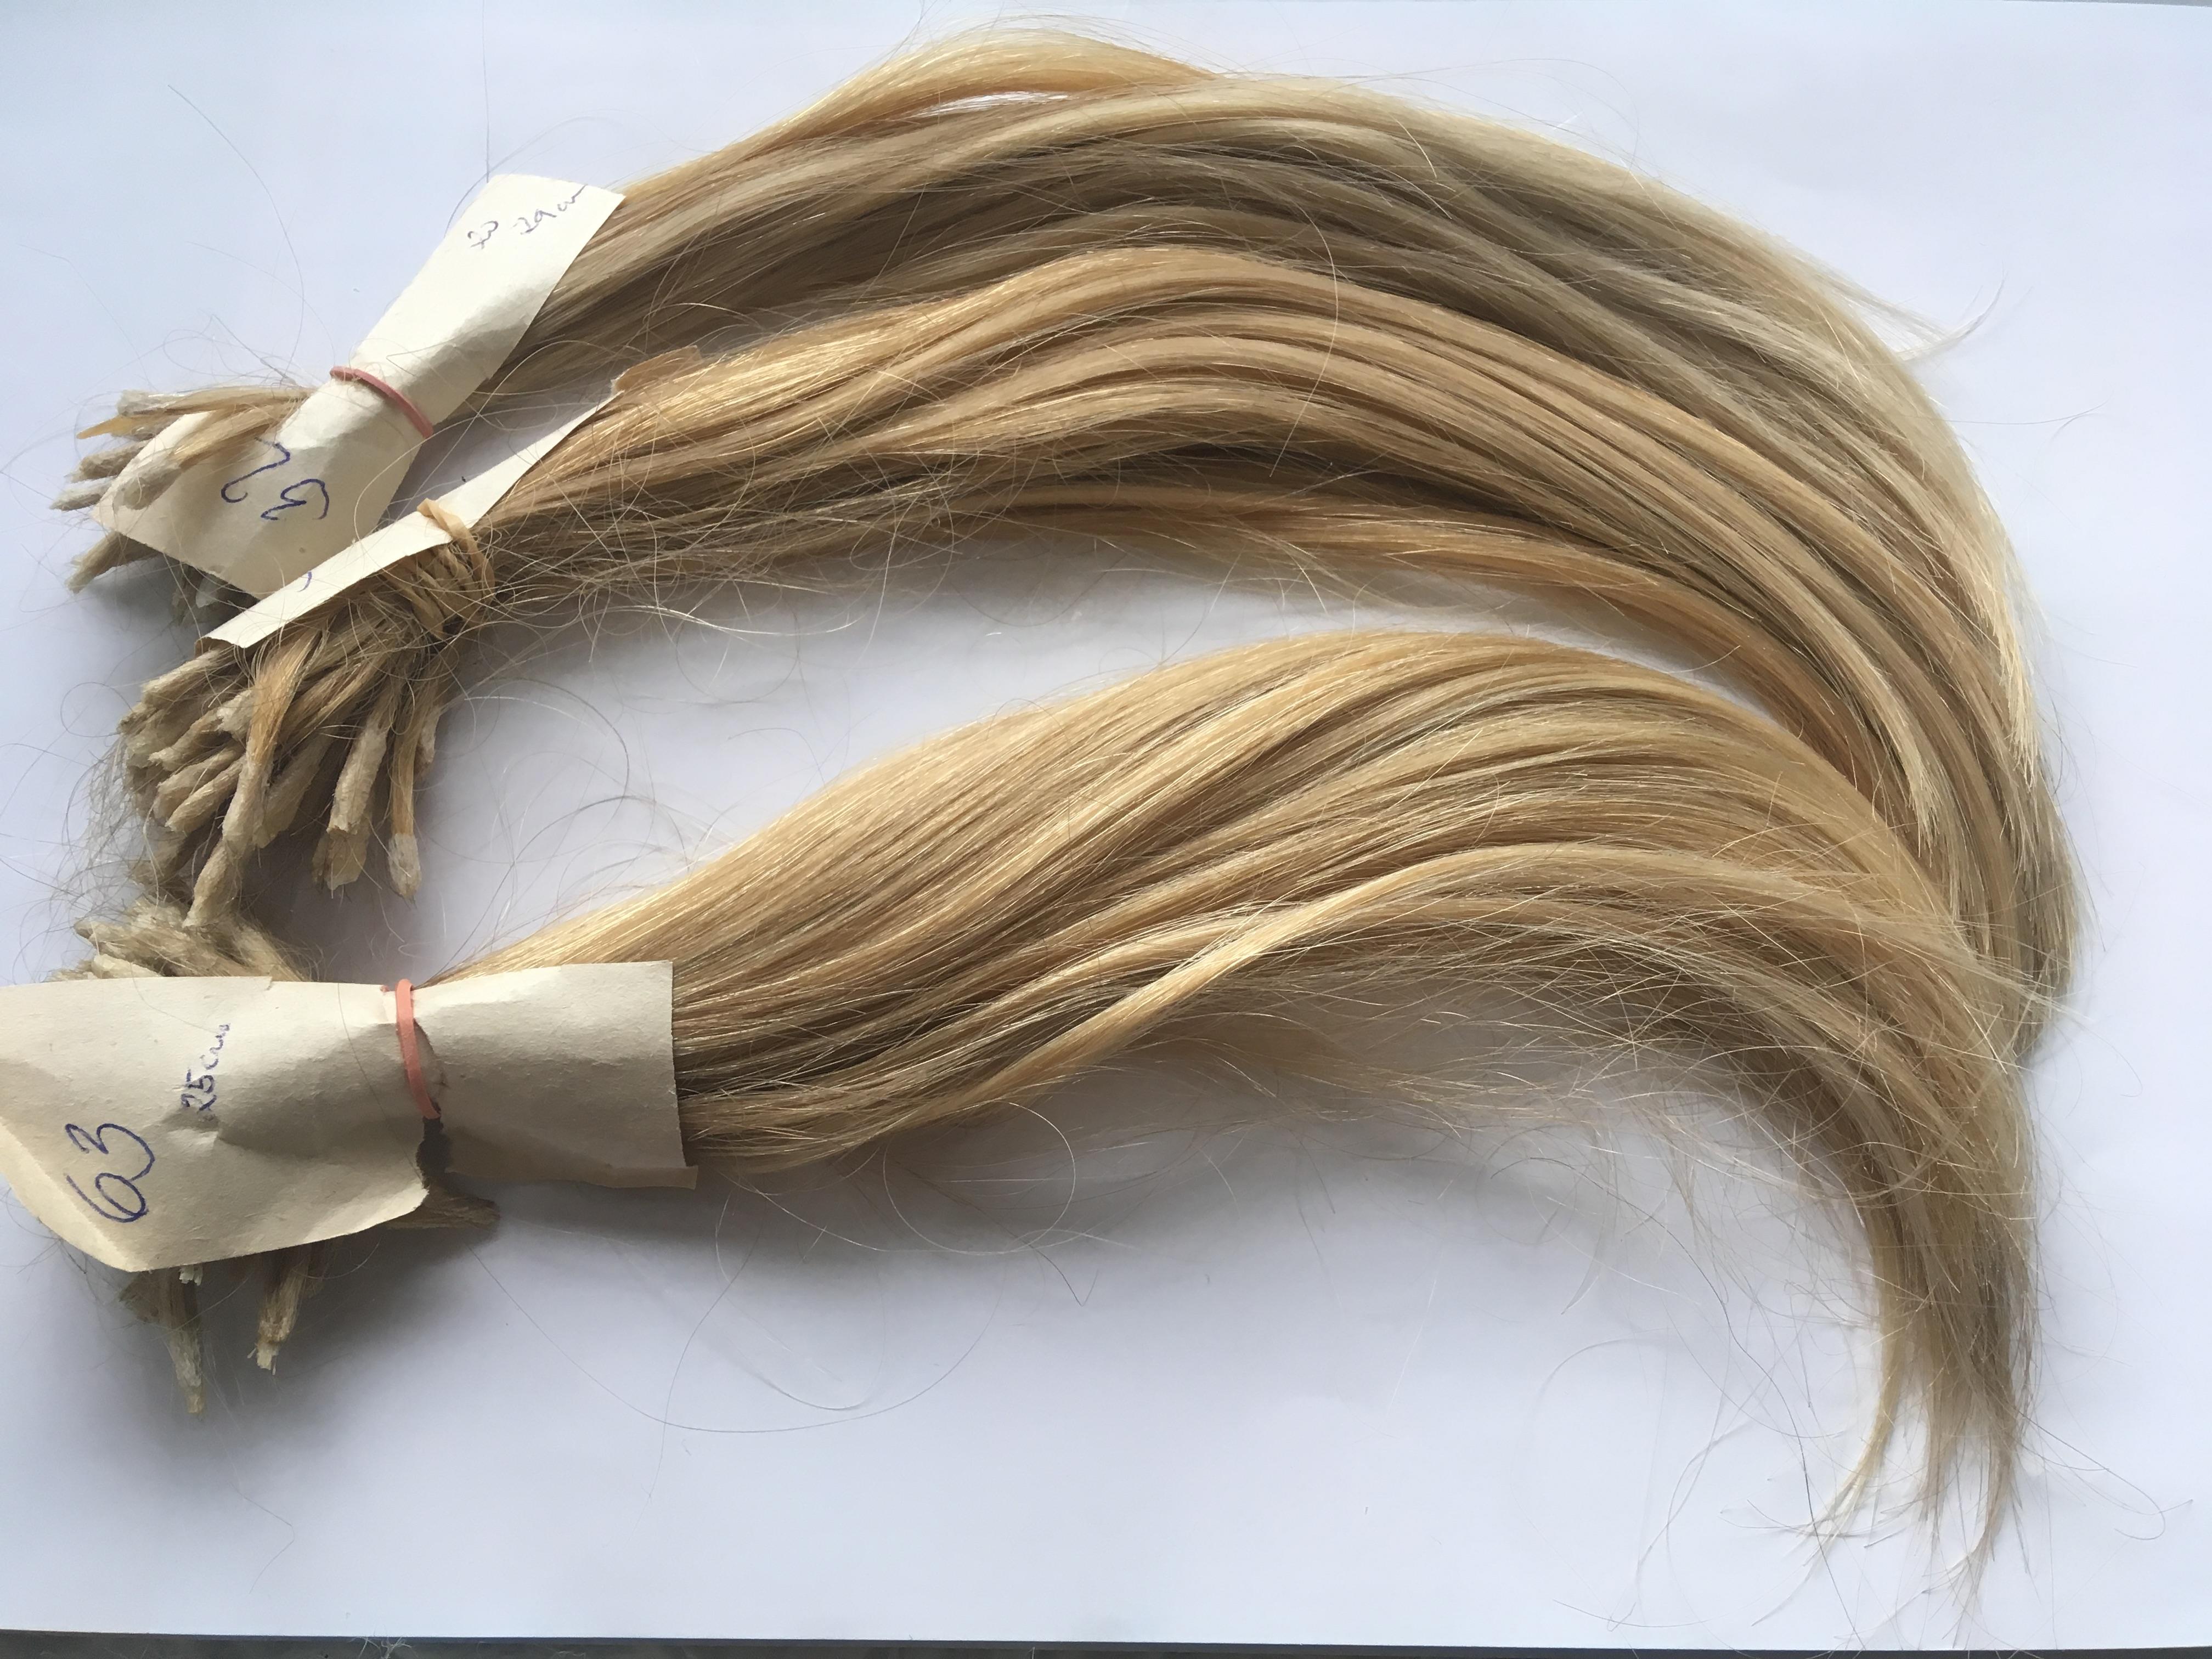 Středoevropské vlasy ve světle medové barvě b9bfa70bcc3